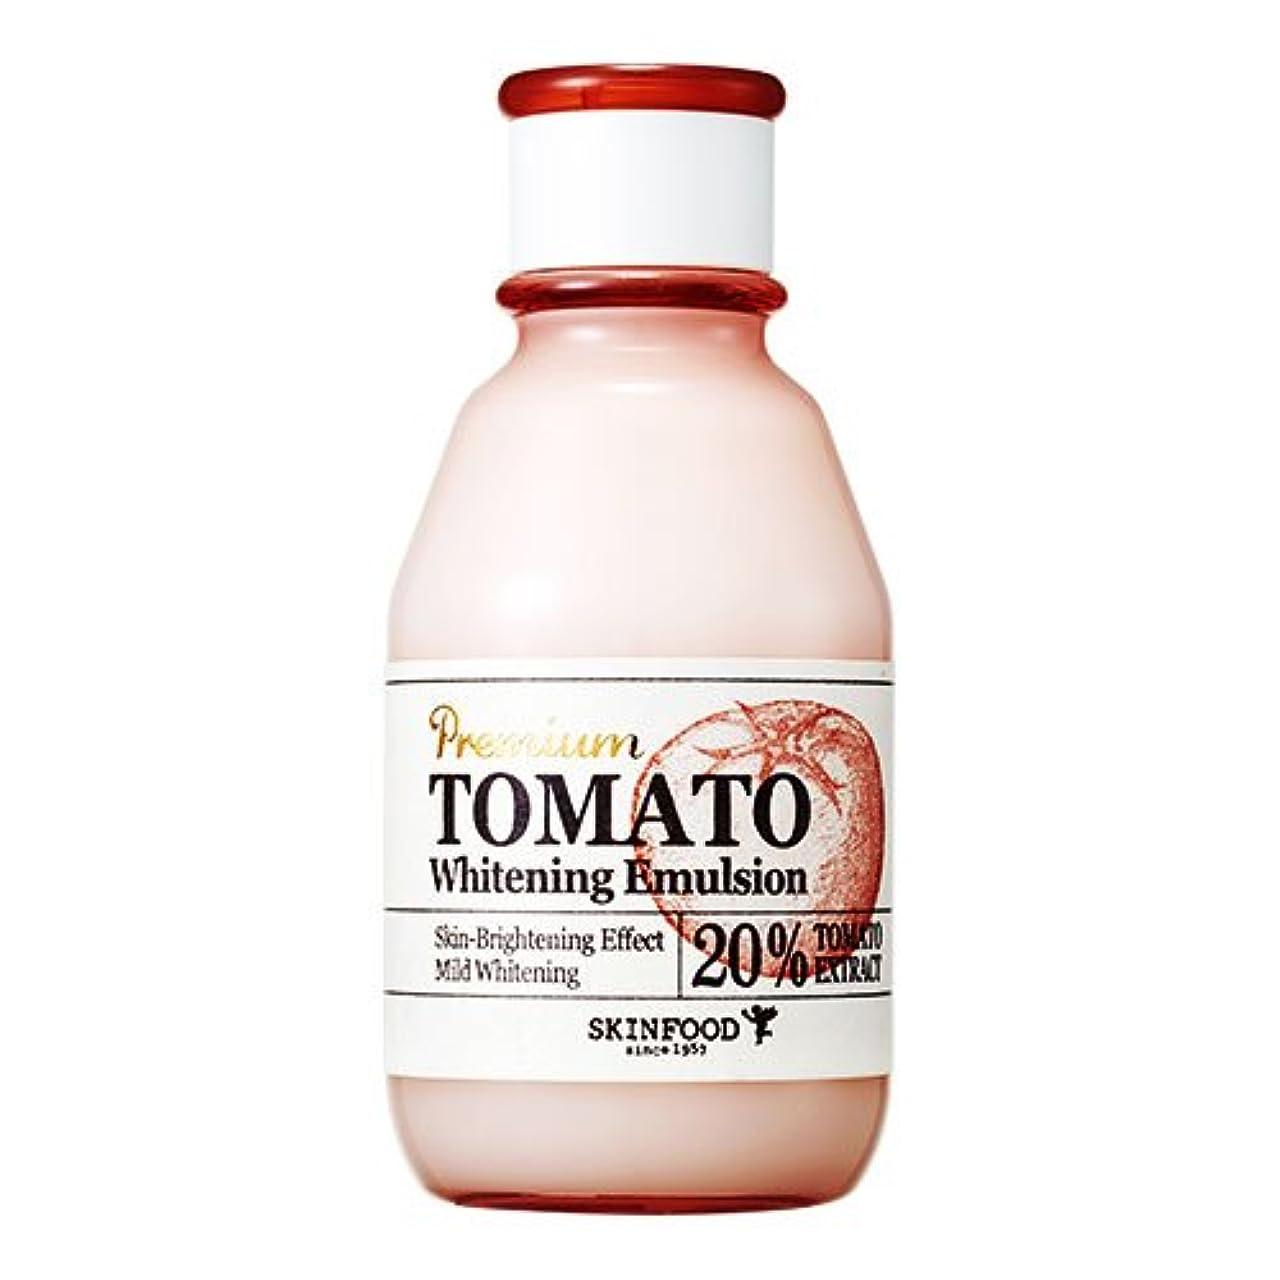 ワークショップ符号液化する[スキンフード] SKINFOOD プレミアムトマトホワイトニングエマルジョン Premium Tomato Whitening Emulsion (海外直送品) [並行輸入品]